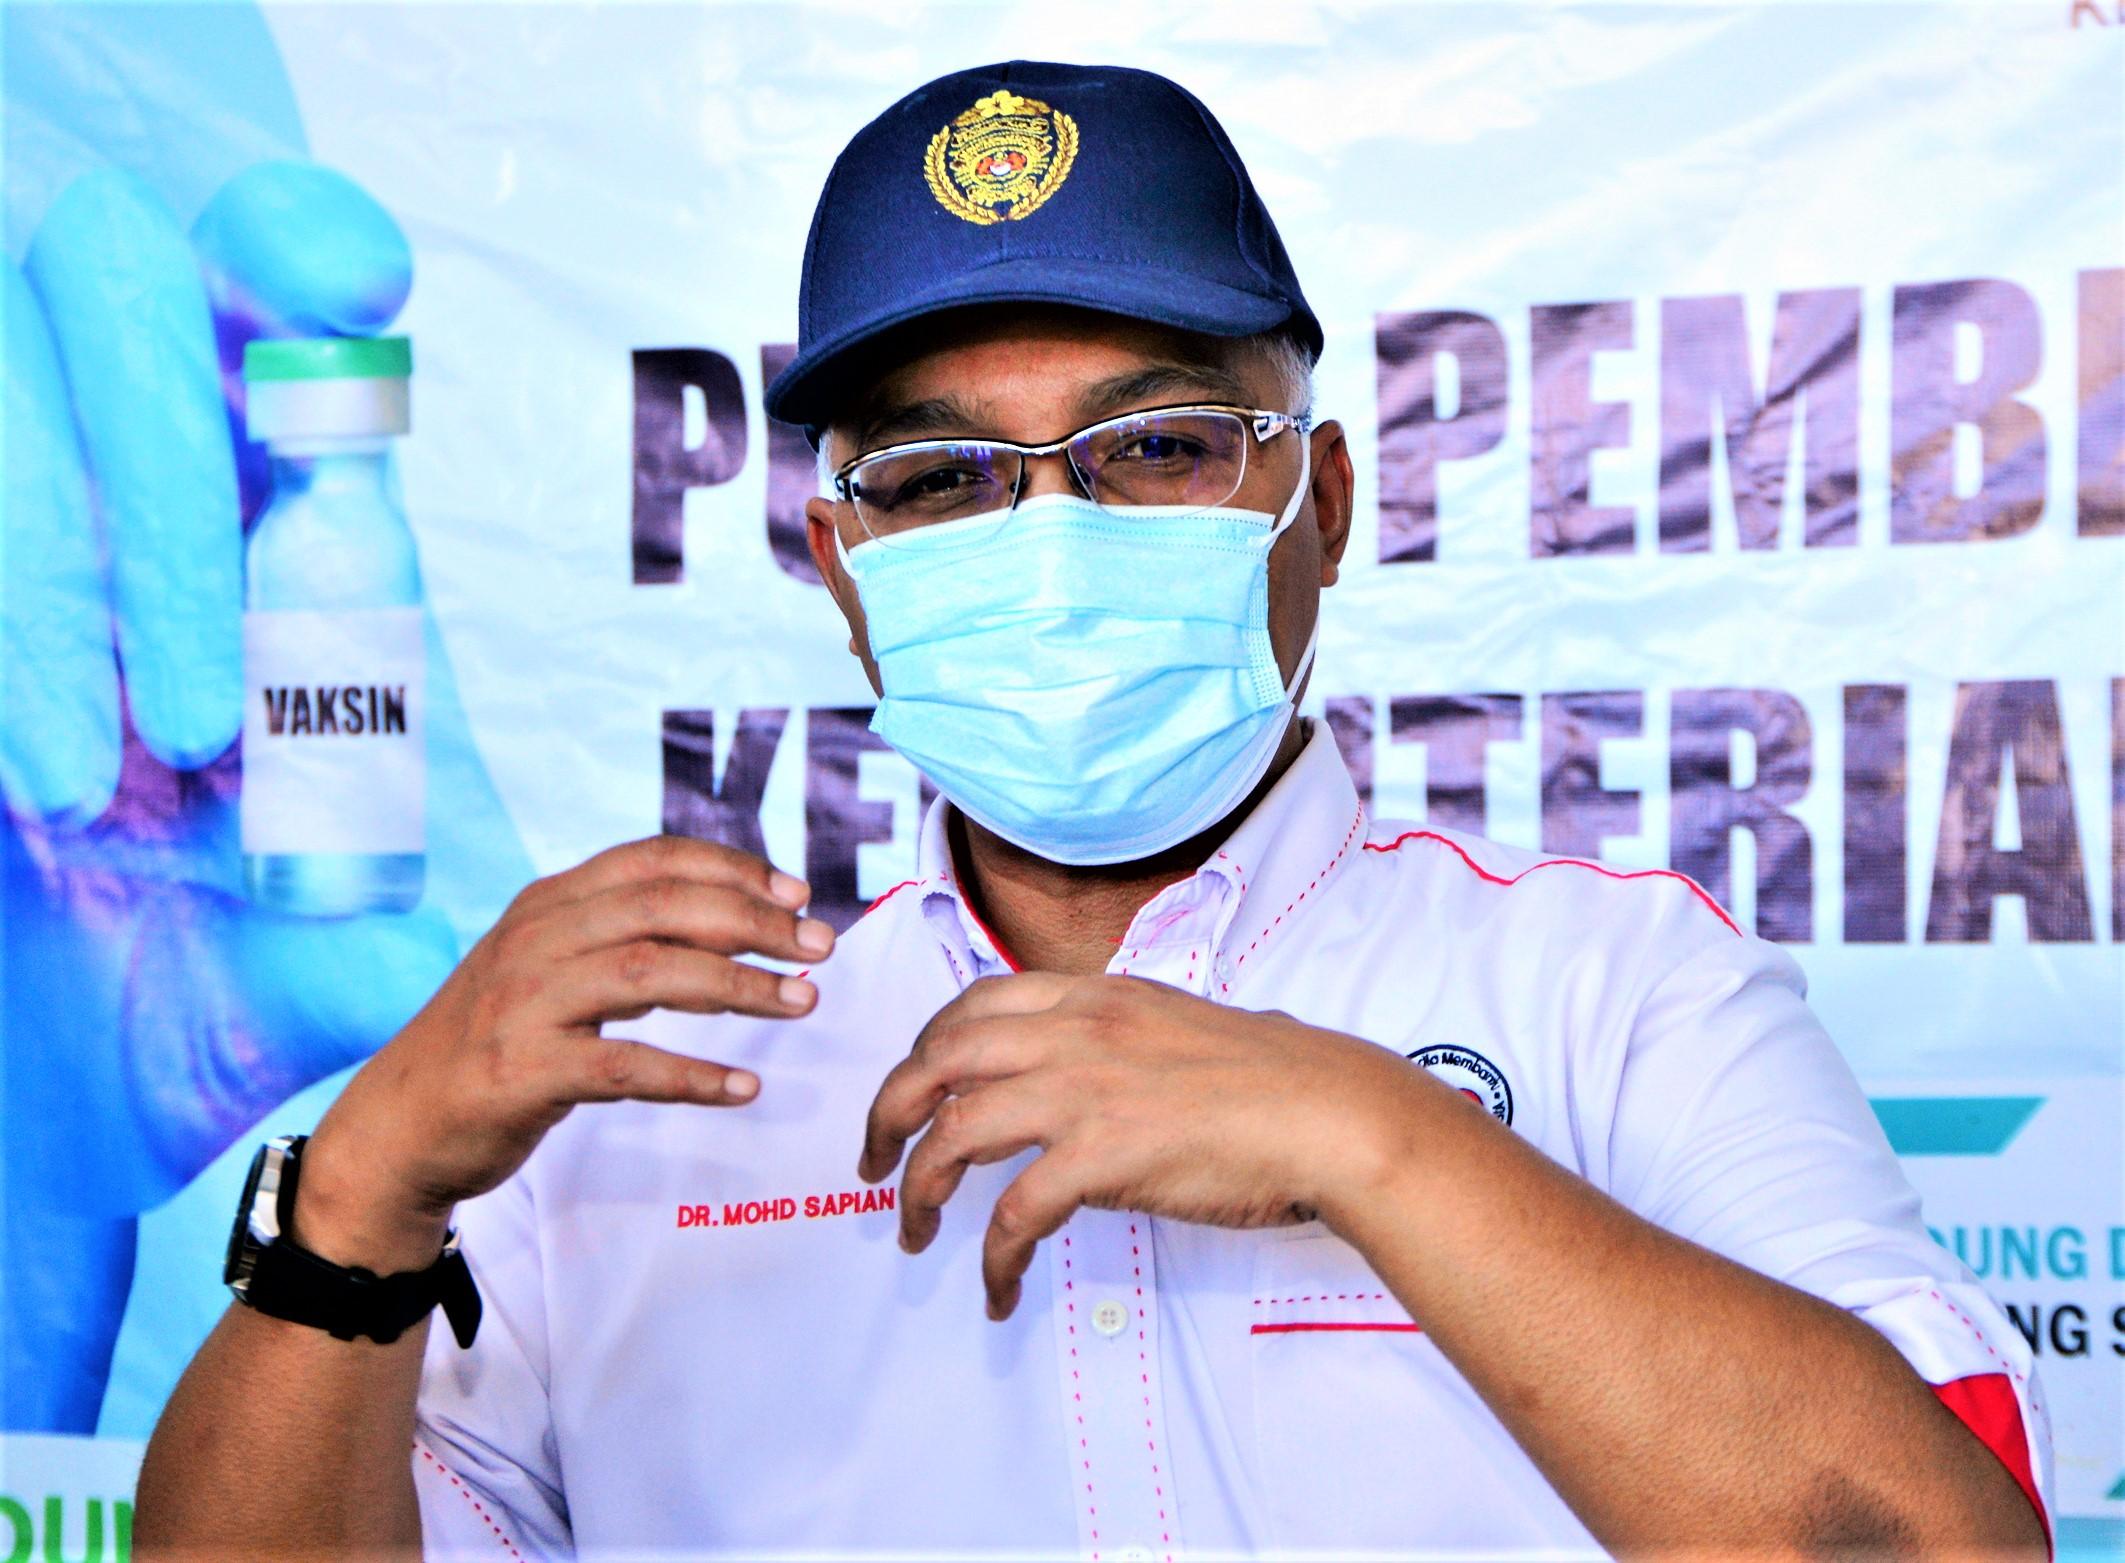 Dr Mohamed Sapian